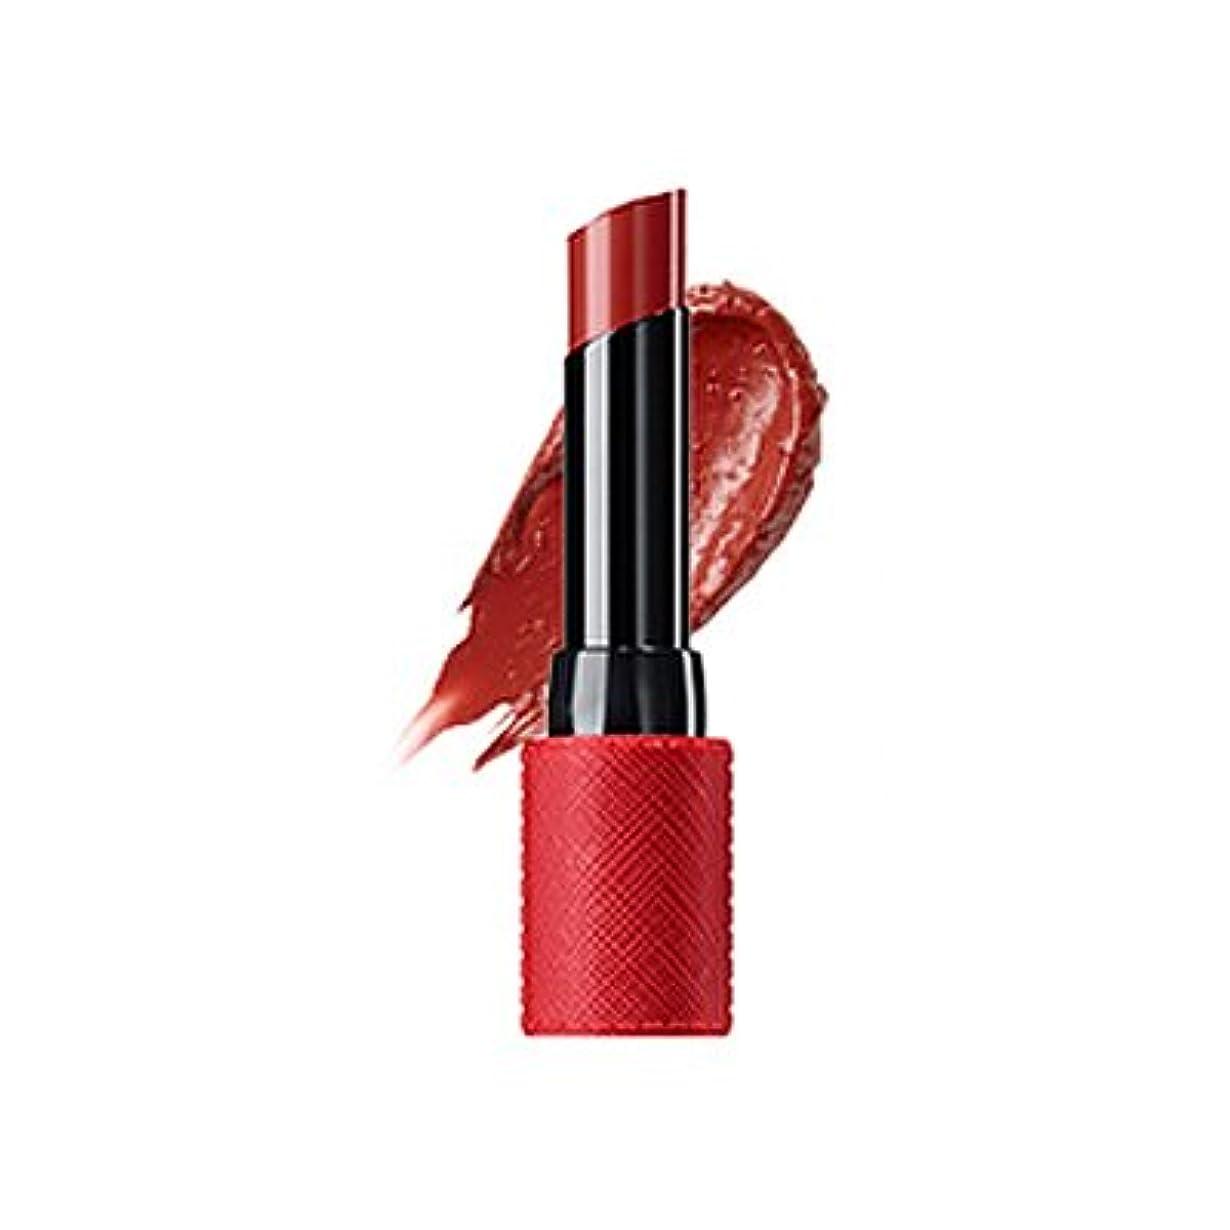 浅いパン屋金額【The Saem】ザセム キスホリック リップスティック S レッドブリック/Kissholic Lipstick S Red Brick / RD06